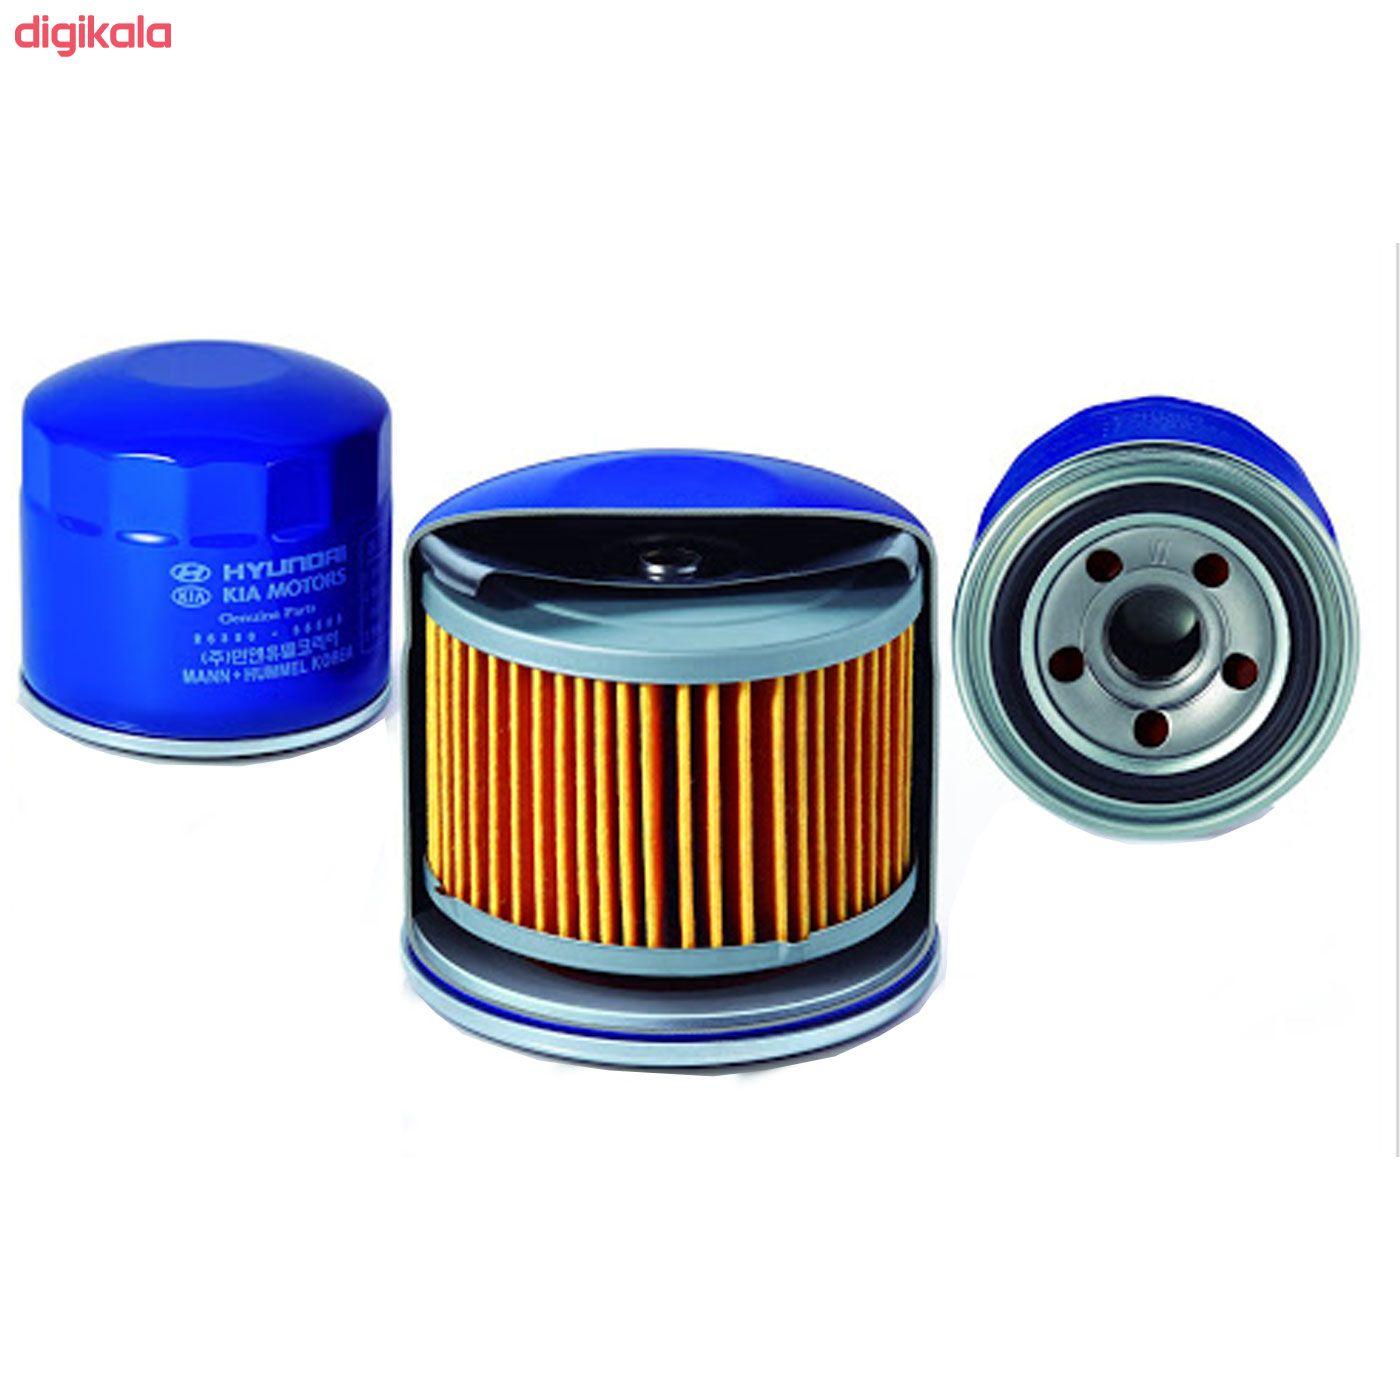 فیلتر روغن خودرو هیوندای جنیون پارتس مدل 35505 مناسب برای هیوندای  ix35 main 1 1